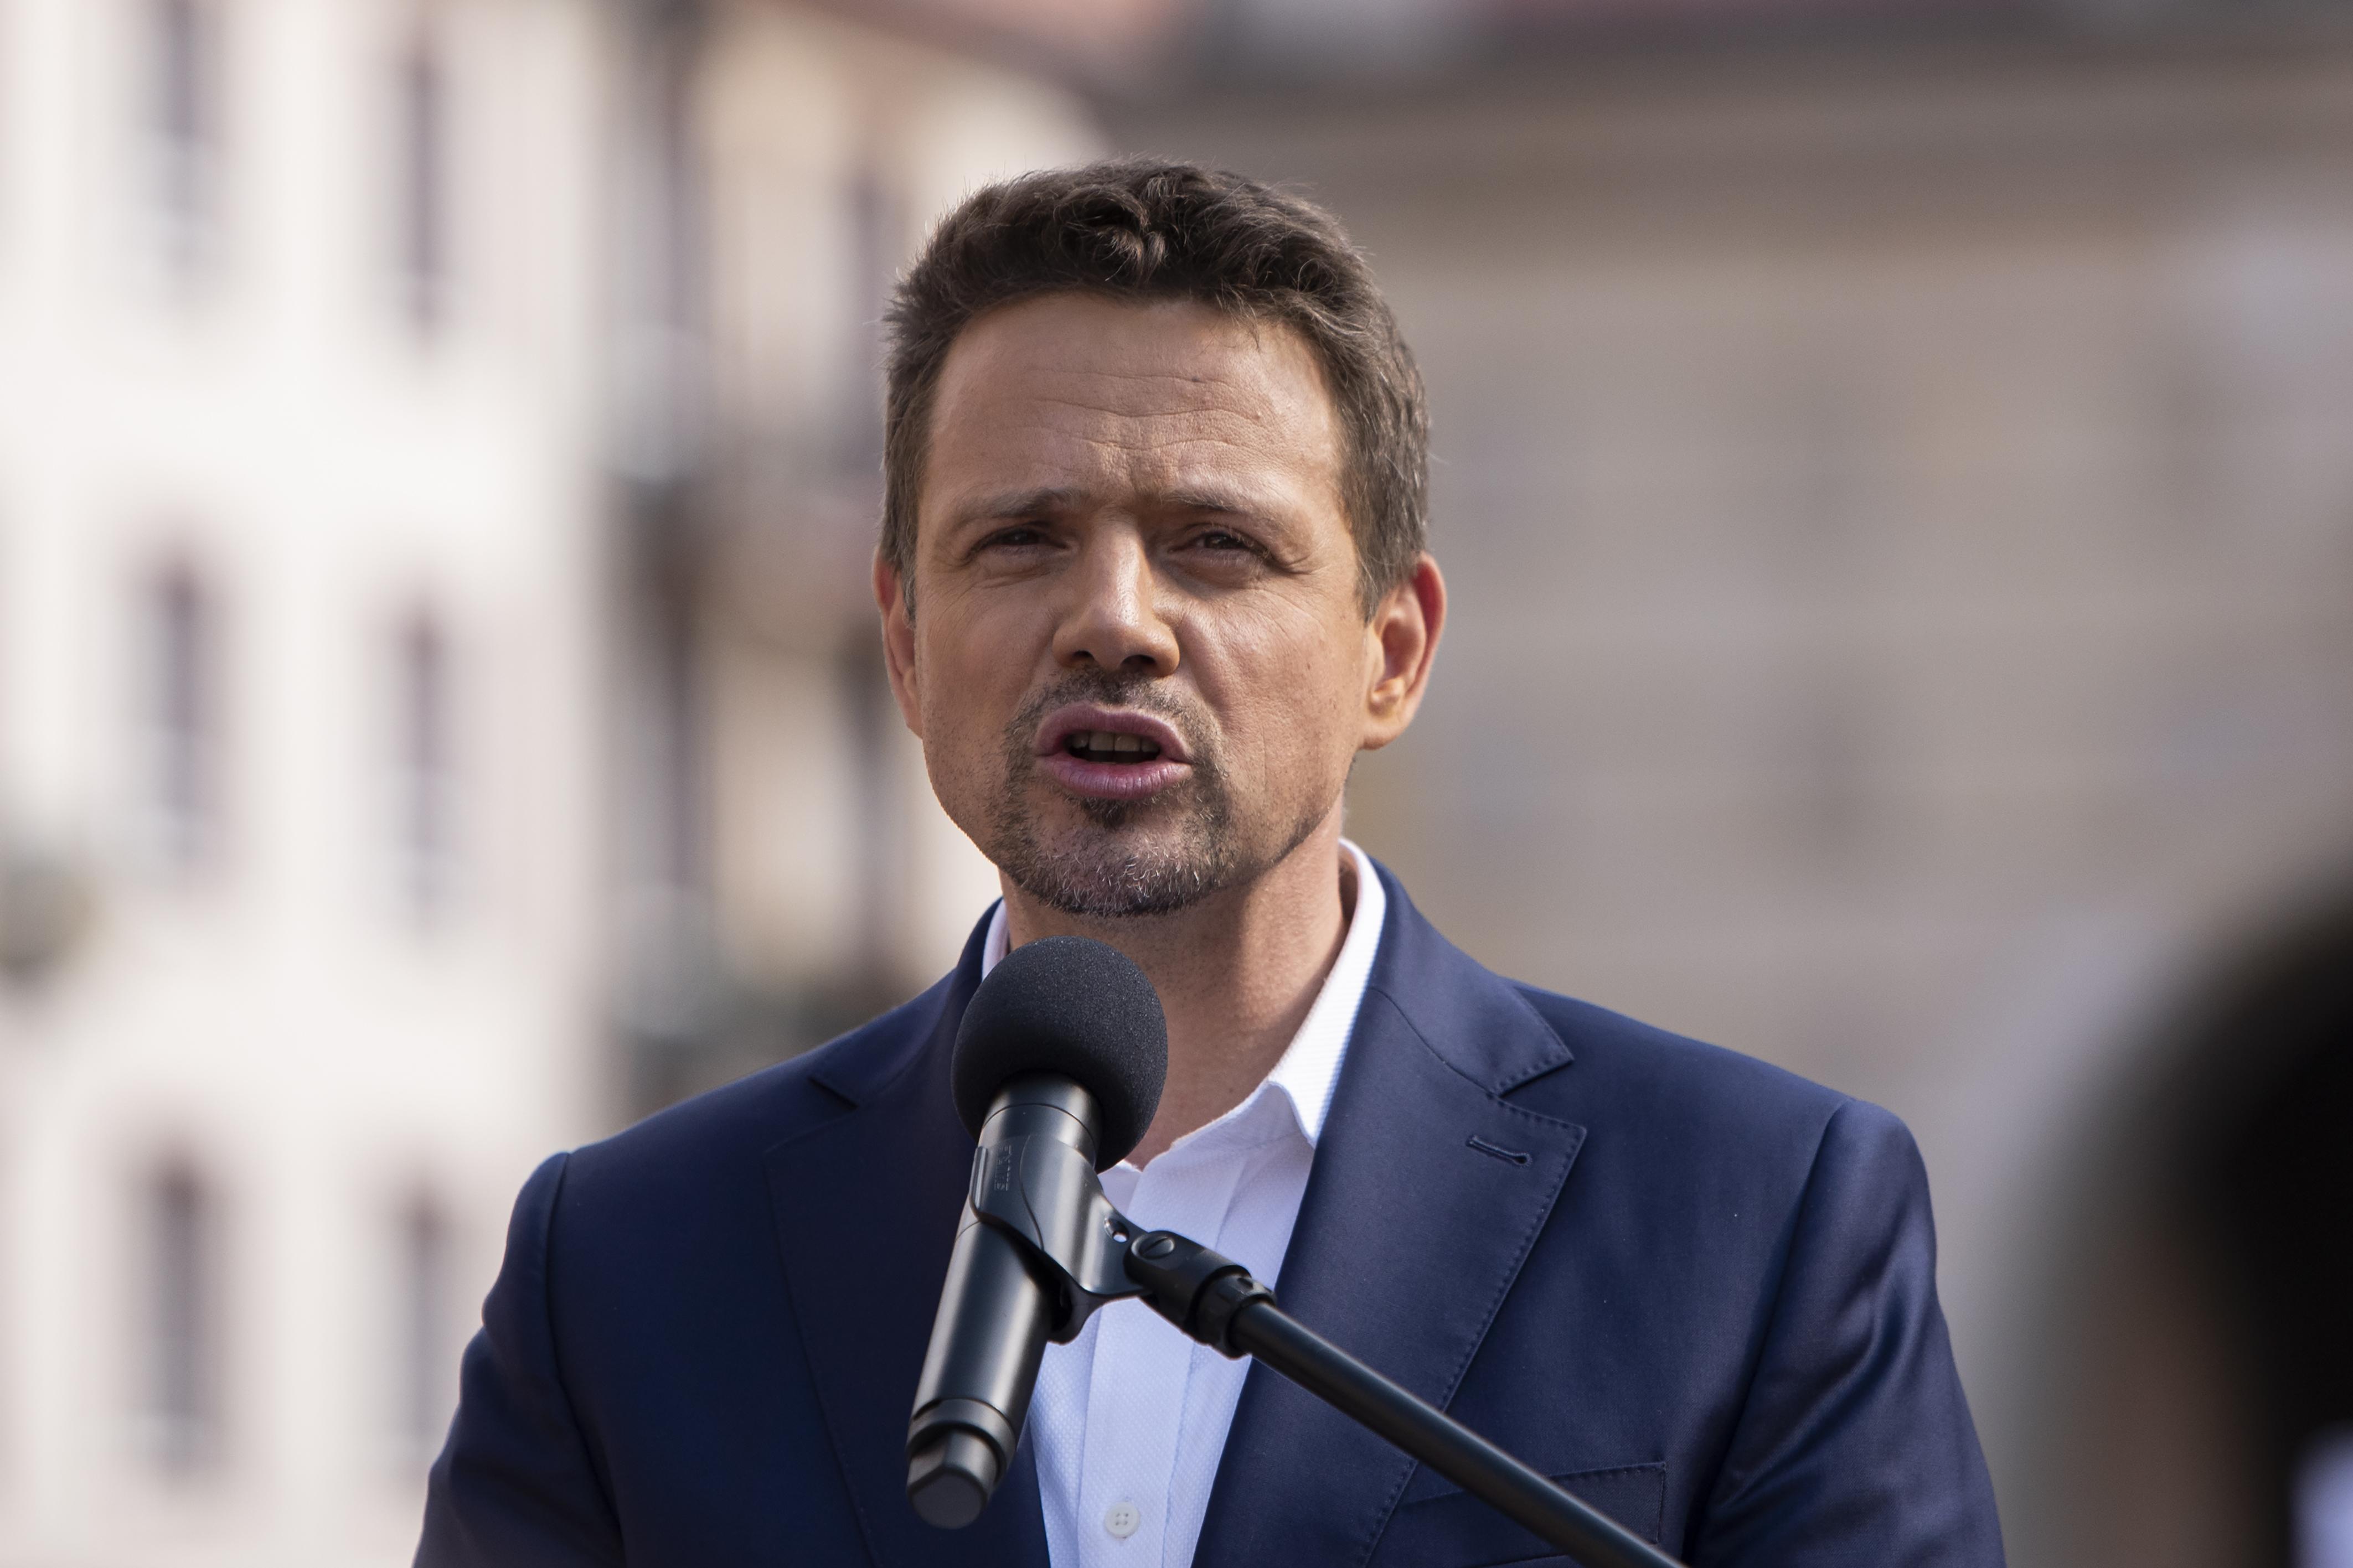 A lengyel közmédia szerint az ellenzéki elnökjelölt a külföldi zsidók érdekeit tartaná szem előtt a lengyel emberek helyett